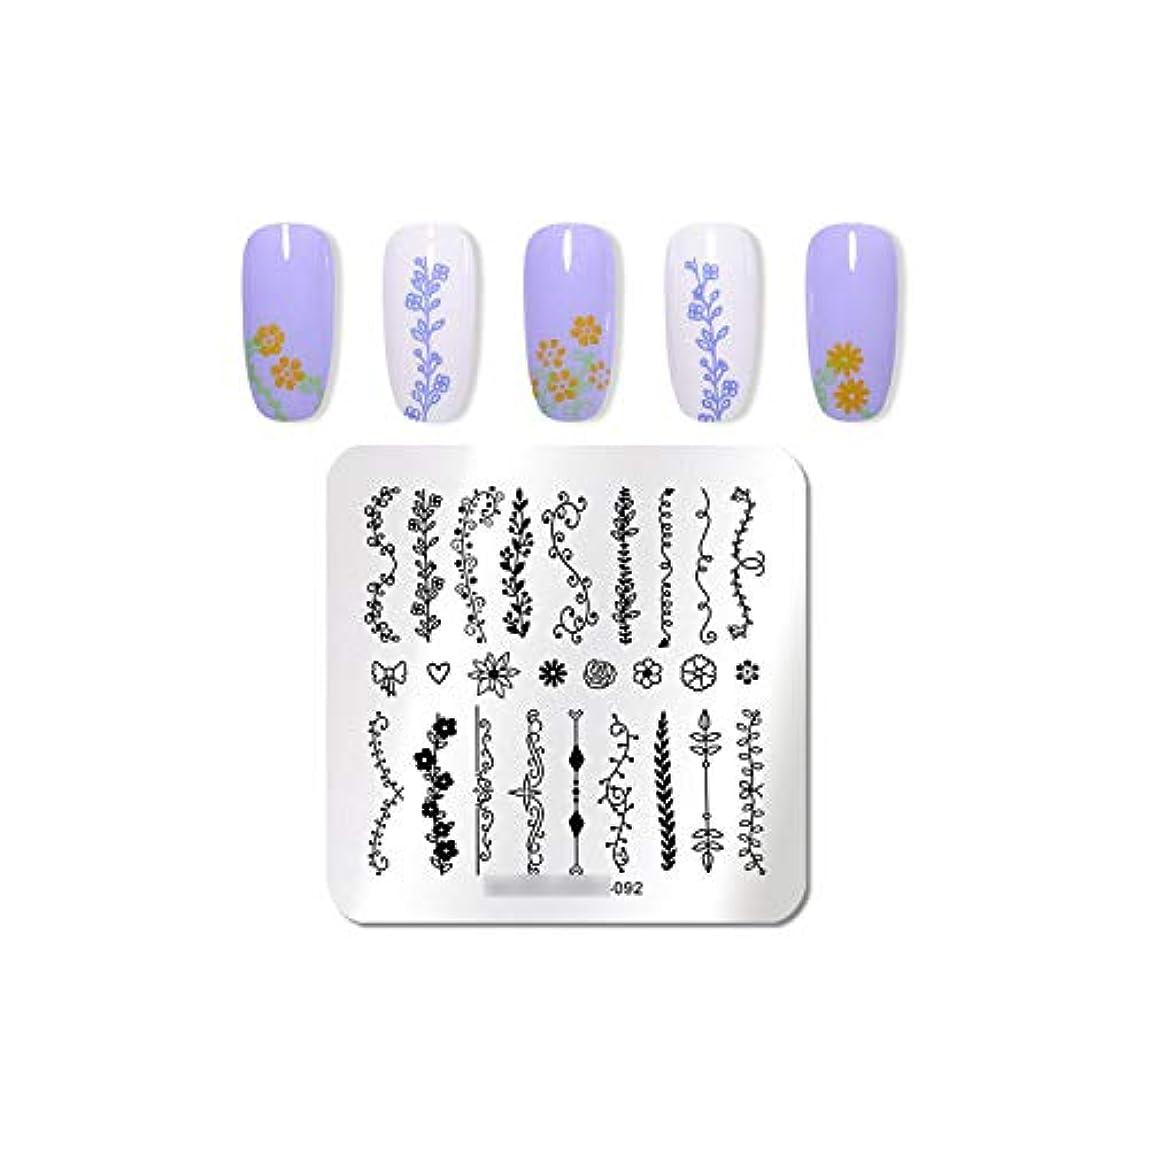 見分ける仲間、同僚学者植物ネイルスタンピングプレートアイスクリームイメージスタンプテンプレート花ネイルアートステンシルマニキュア印刷ツール,92